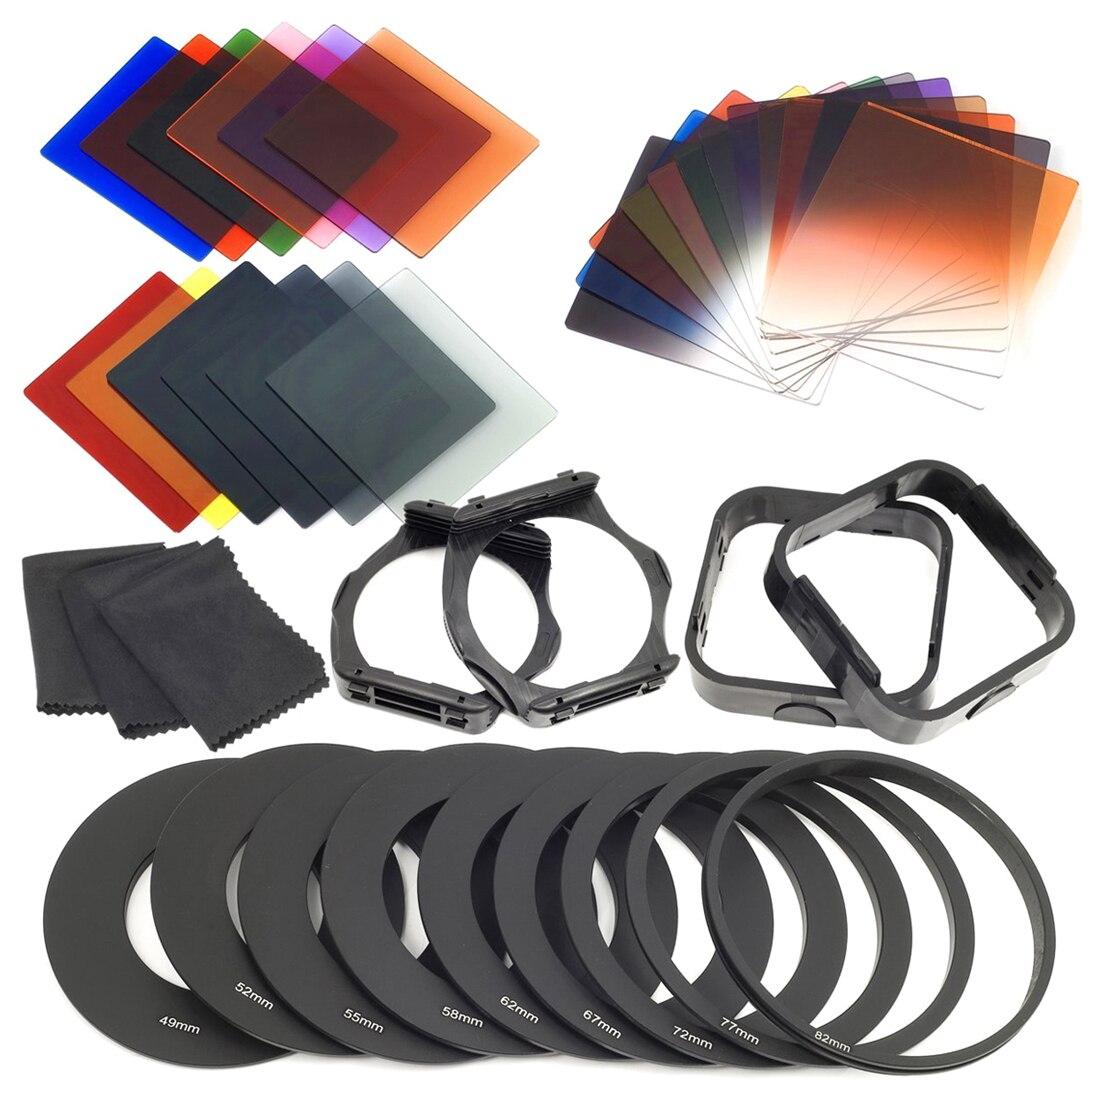 24 unids piezas ND + filtros graduados + anillo adaptador de 9 unids, soporte de filtro de capucha para la serie cokin p